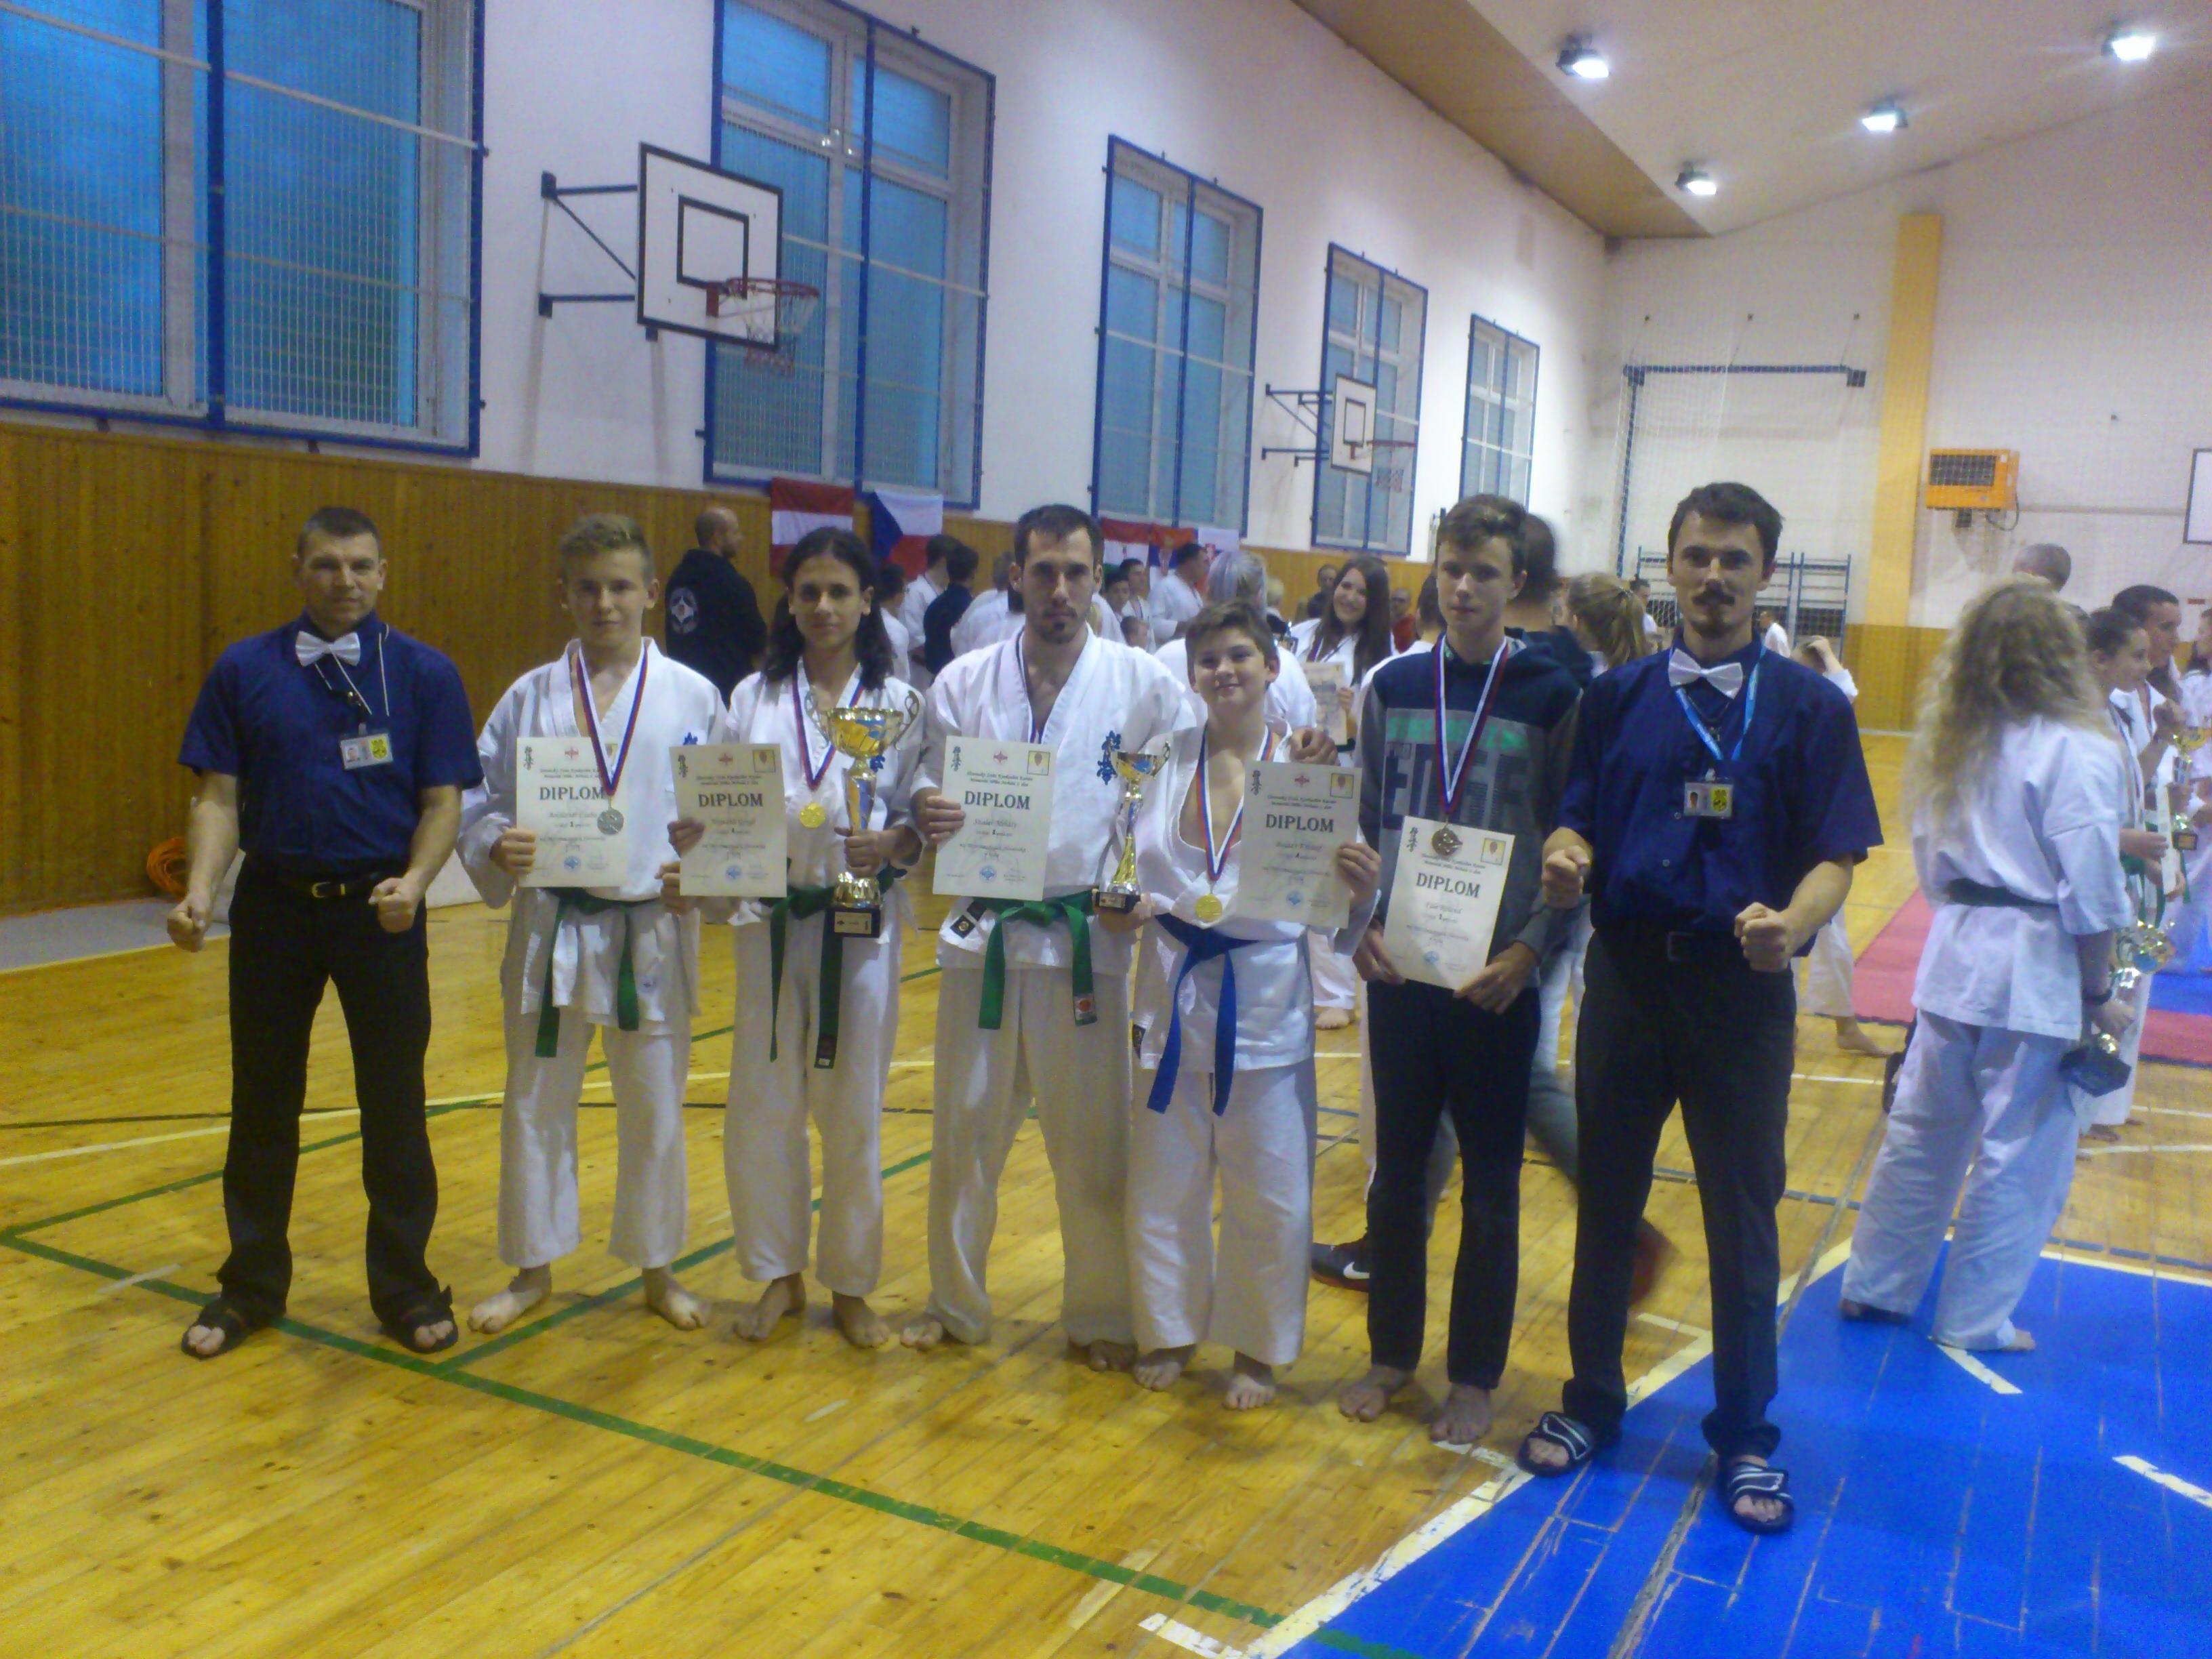 20. Szlovák Bajnokság - Senpai Mrhal Jirí emlékverseny  2017. 10. 28-án Muzla város adott otthont a 20. Szlovák Bajnokságnak, amelyen a Sanbon karate sportegyesület is részt vett. Négy ország karatékái versengtek a bajnoki címekért (Szlovákia, Magyarország, Ausztria és Csehország). Két versenyszámban indulhattak a versenyzők: KATA(formagyakorlat) és KUMITE(küzdelem). A Sanbon sportegyesületből Horváth Gergő a felnőtt zöld öves kategóriában aranyérmet szerzett. Szalai Mihály szintén ebben a kategóriában 2. helyezett lett. Boldizsár Csaba az ifik között ezüstöt szerzett. A vecsési dojonkból Balázs Kristóf arany, míg Füle Roland az ezüstéremnek örülhetett.  Gratulálunk a versenyzőknek ! Hajrá Sanbon S.E. ! :)  Ambrus György